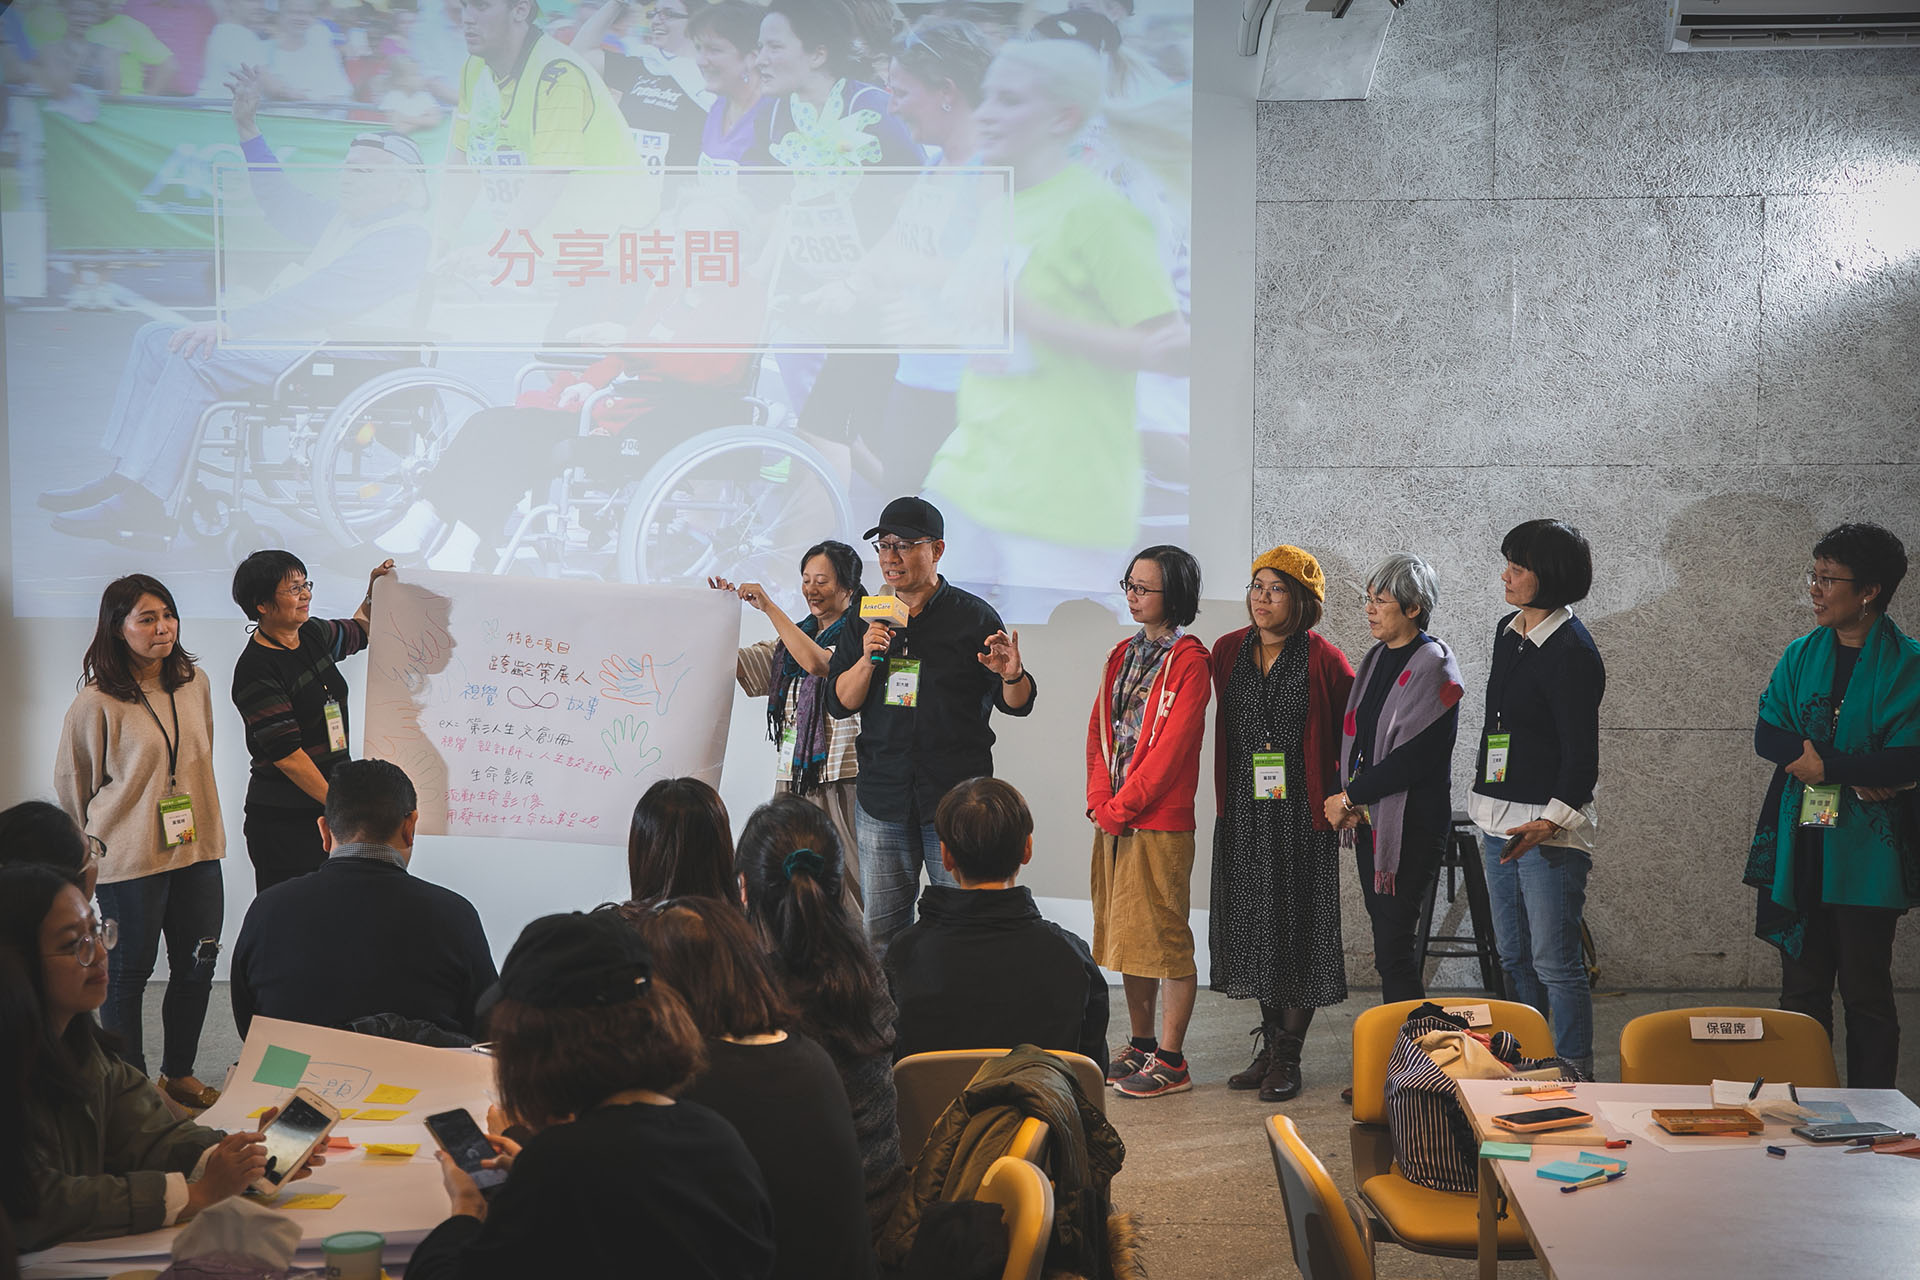 各組分別上台分享,創意迸發,為明年「創齡藝術節」激發許多好點子。